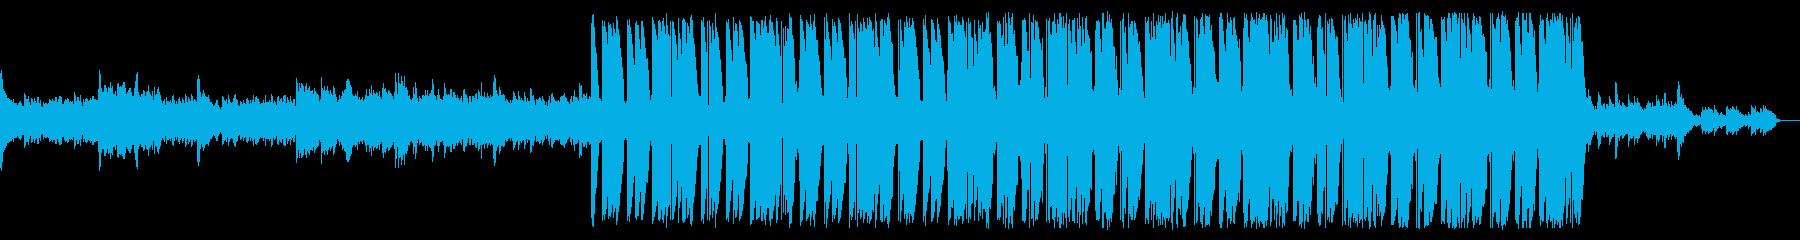 イルカと対話するバラードトラップビート曲の再生済みの波形